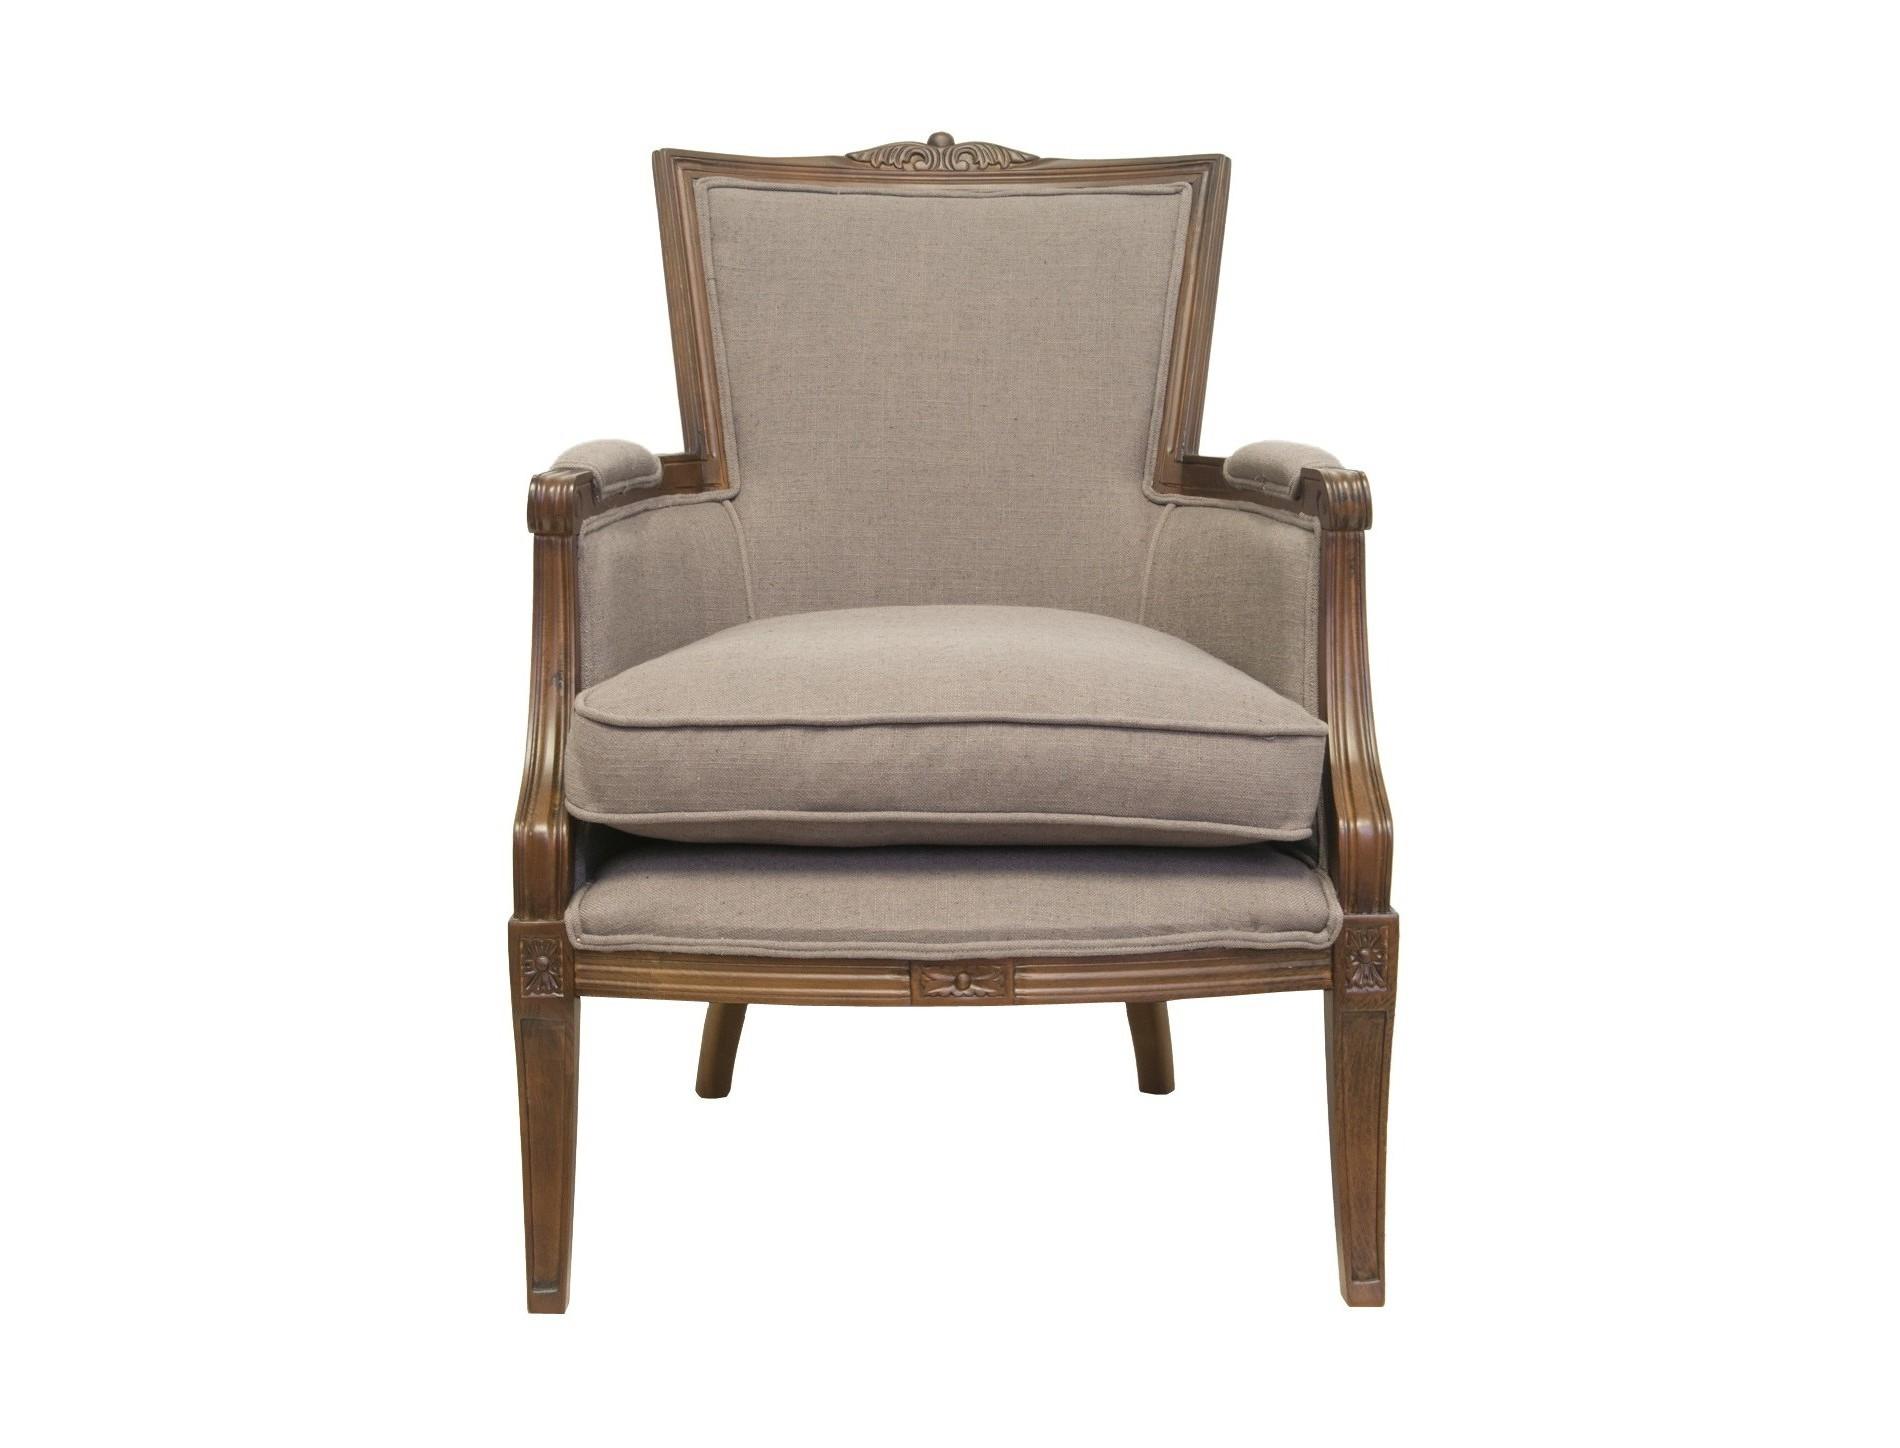 Кресло TousИнтерьерные кресла<br>Резные элементы и нейтральный цвет обивки делает кресло Tous &amp;amp;nbsp;ярким представителем классического стиль. Это роскошное, грациозное кресло сделает ваш интерьер более статусным и видным.&amp;amp;nbsp;<br><br>Material: Текстиль<br>Ширина см: 65<br>Высота см: 91<br>Глубина см: 76